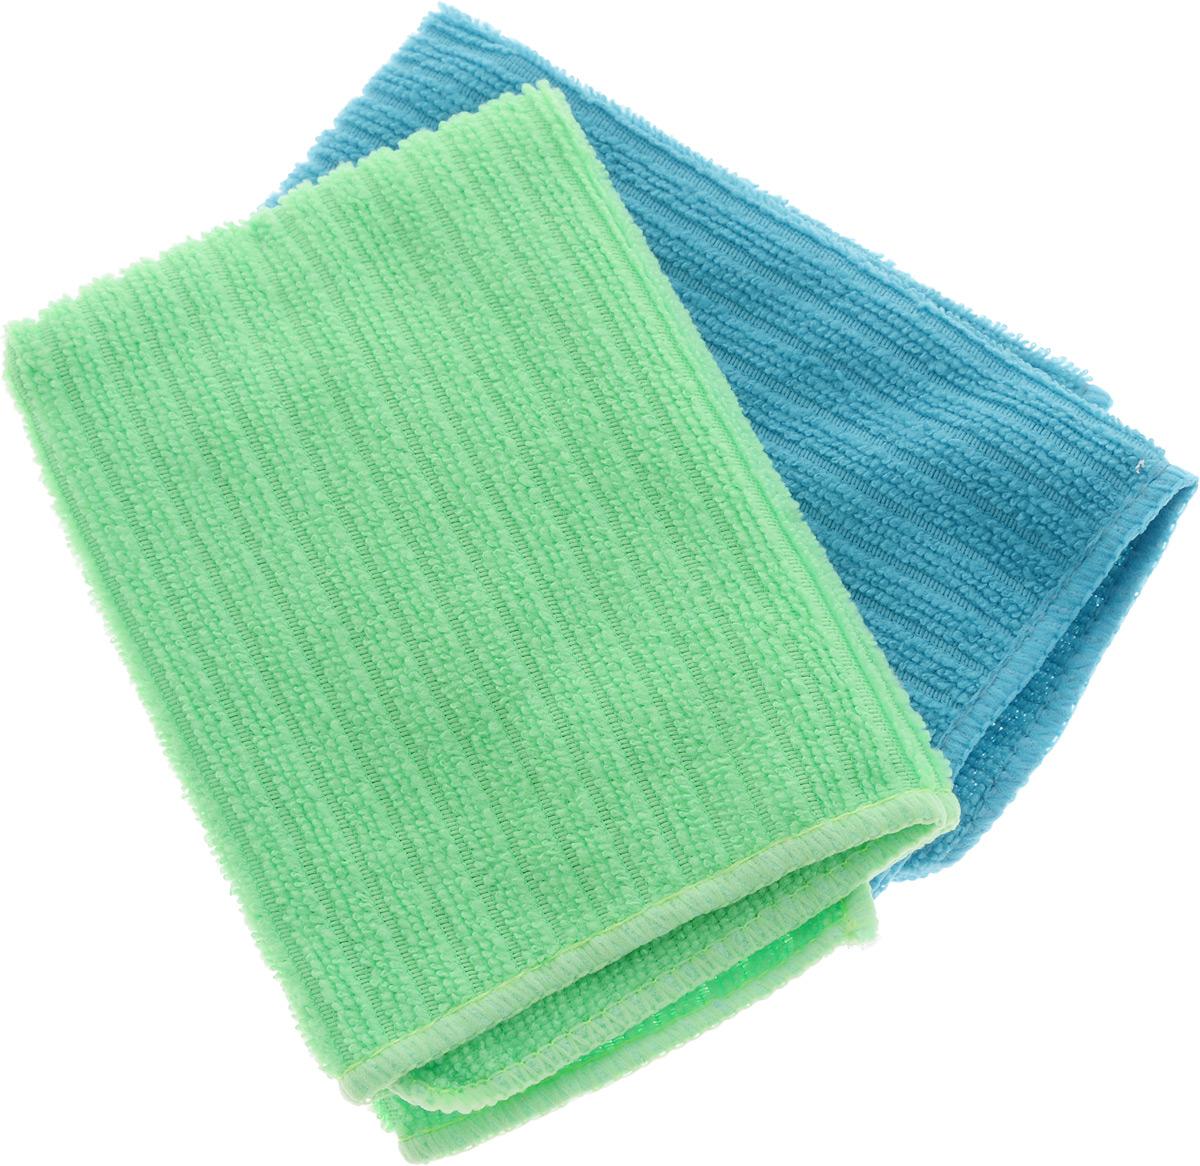 Салфетка из микрофибры Home Queen, цвет: бирюзовый, салатовый, 30 х 30 см, 2 шт57048_бирюзовый, салатовыйСалфетка Home Queen изготовлена из микрофибры (100% полиэстер). Это великолепная гипоаллергенная ткань, изготовленная из тончайших полимерных микроволокон. Салфетка из микрофибры может поглощать количество пыли и влаги, в 7 раз превышающее ее собственный вес. Многочисленные поры между микроволокнами, благодаря капиллярному эффекту, мгновенно впитывают воду, подобно губке. Благодаря мелким порам микроволокна, любые капельки, остающиеся на чистящей поверхности, очень быстро испаряются, и остается чистая дорожка без полос и разводов. В сухом виде при вытирании поверхности волокна микрофибры электризуются и притягивают к себе микробов, мельчайшие частицы пыли и грязи, удерживая их в своих микропорах. Размер салфетки: 30 х 30 см.